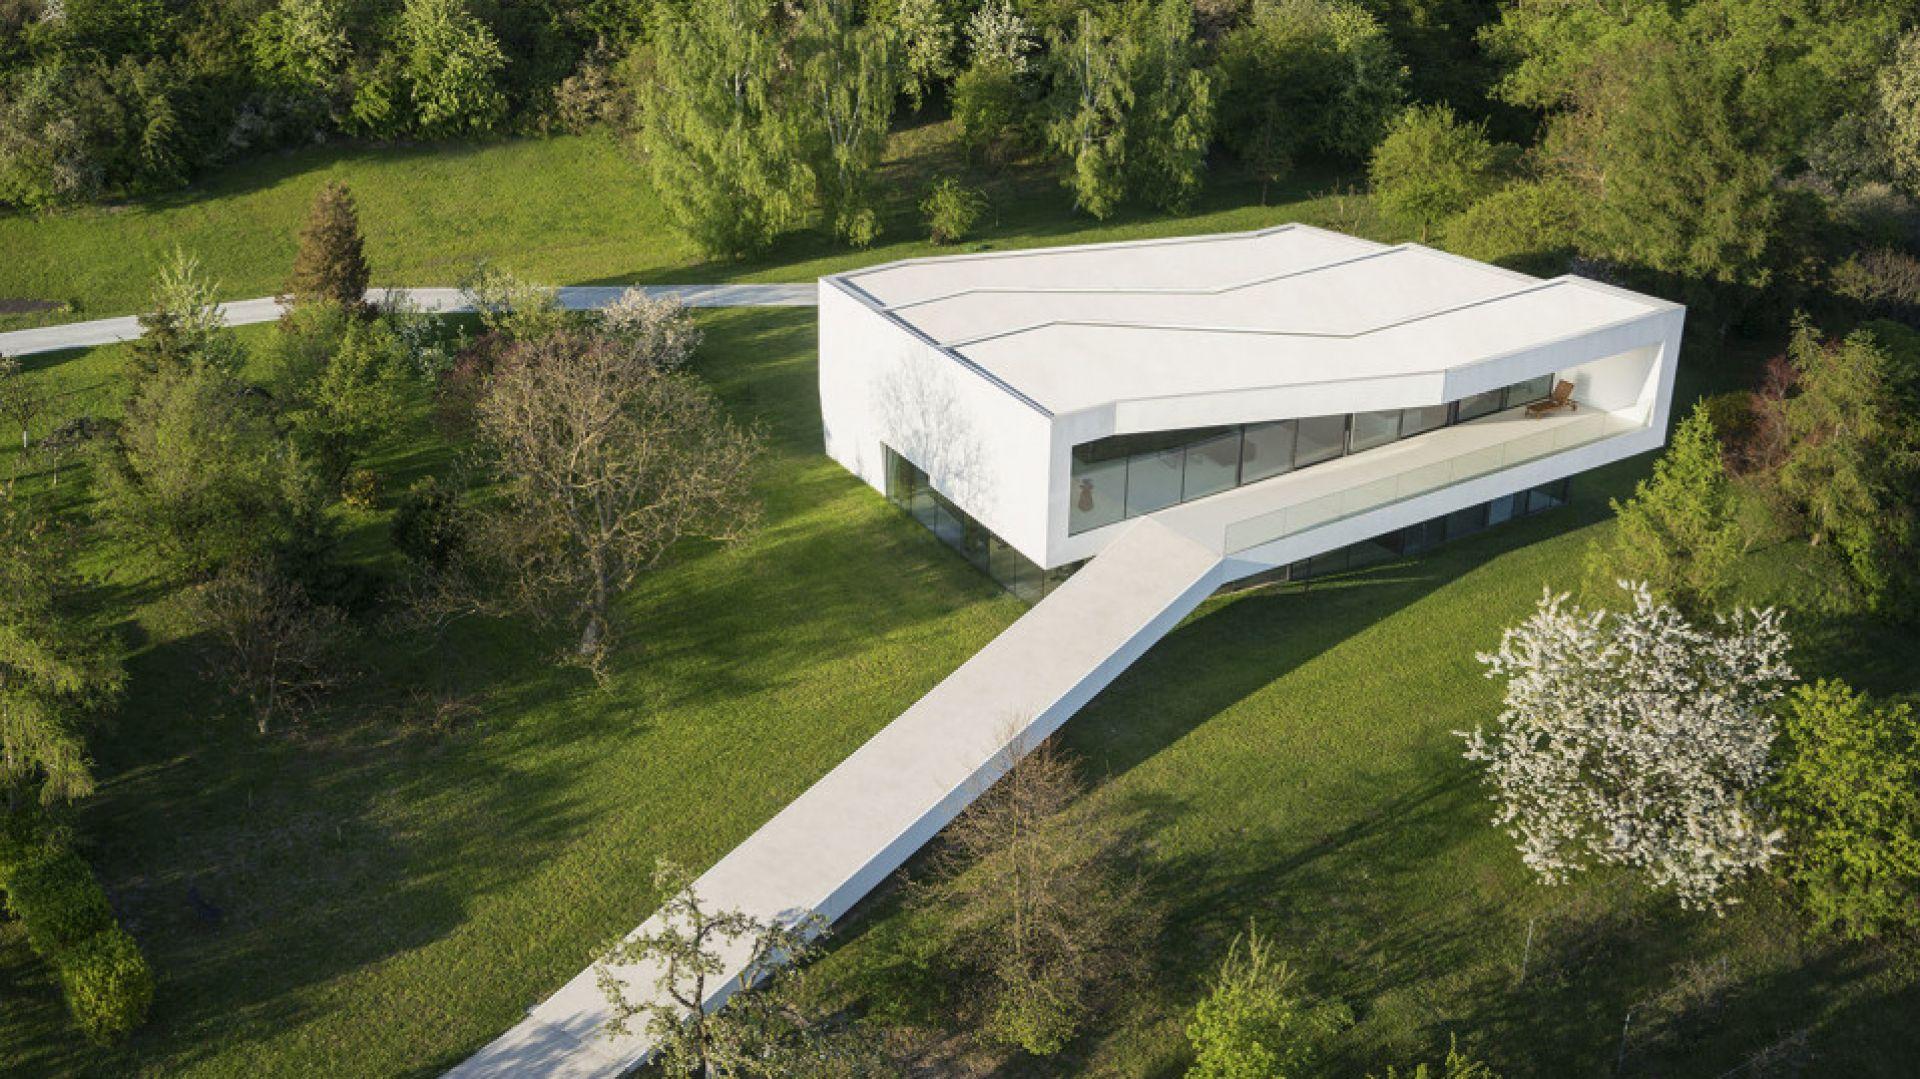 Dom po drodze, Płock, Robert Konieczny - KWK Promes. Dom zaprojektowano na skarpie, a klientem był człowiek o bardzo stanowczych i nienegocjowalnych wymaganiach. Aby im sprostać, Konieczny opracował niezwykłą formę budynku unoszącego się nad zboczem i